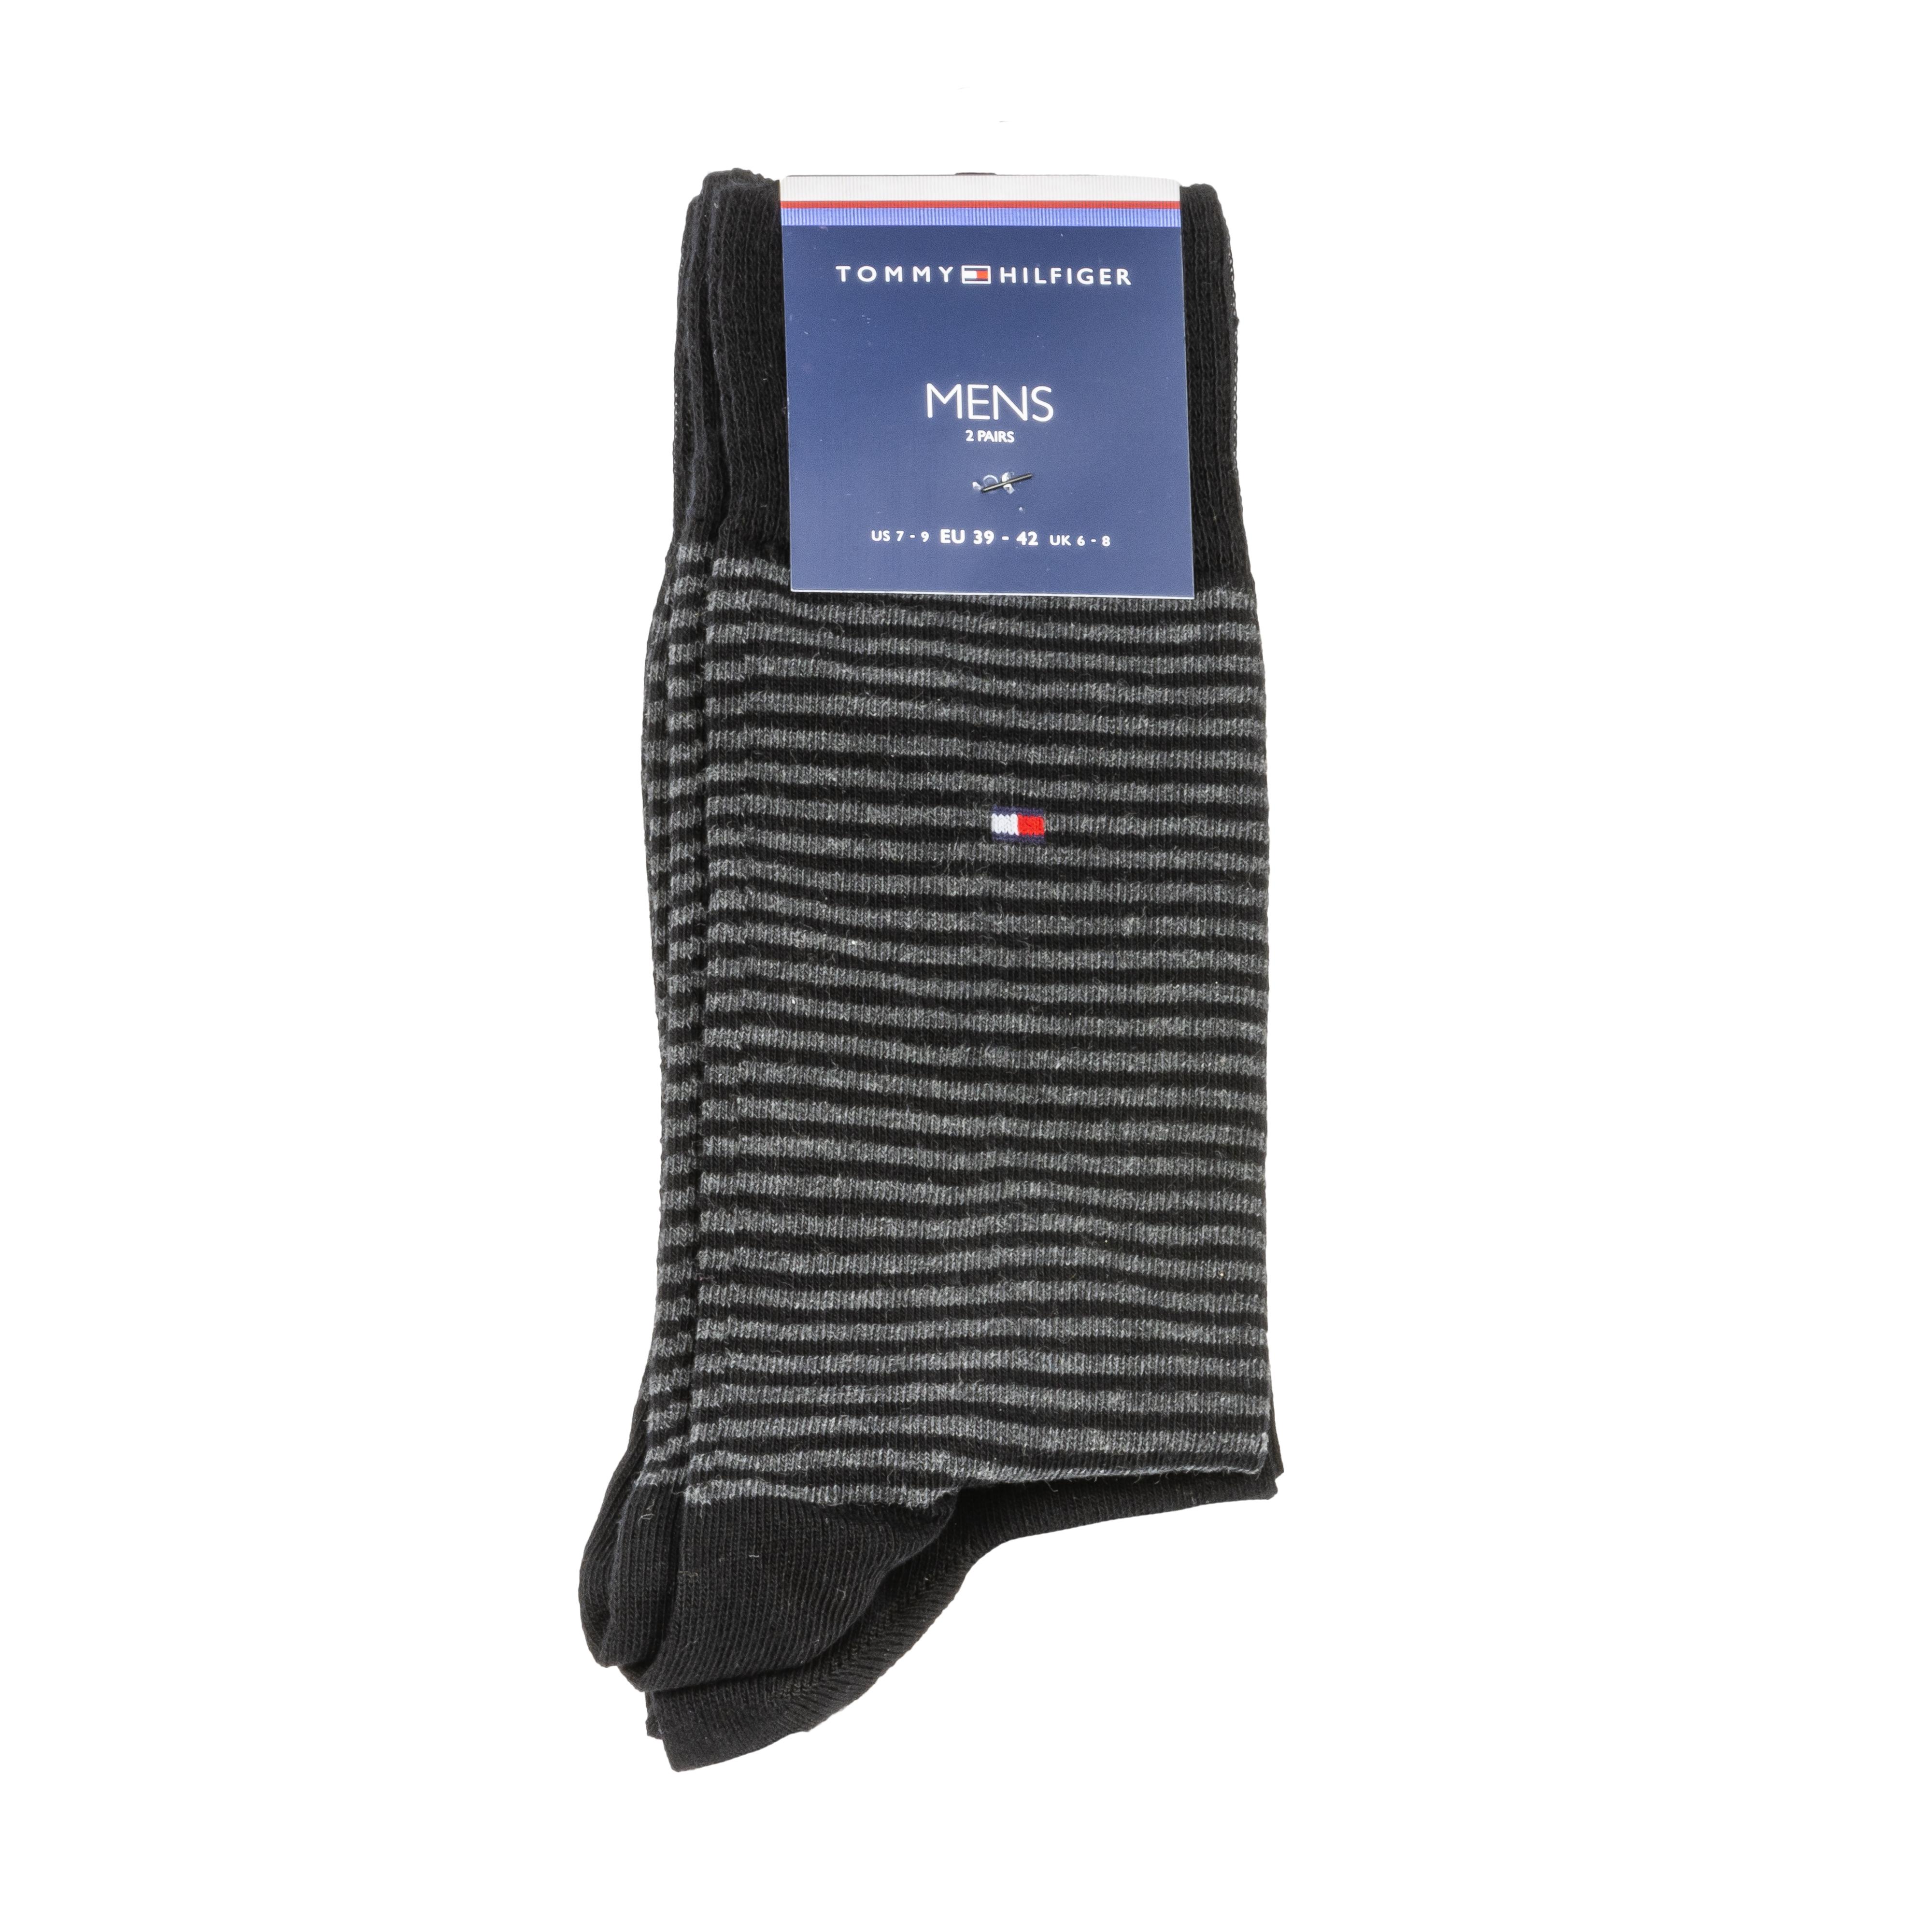 Lot de 2 paires de chaussettes hautes tommy hilfiger small stripe en coton mélangé stretch noir et noir à rayures grises